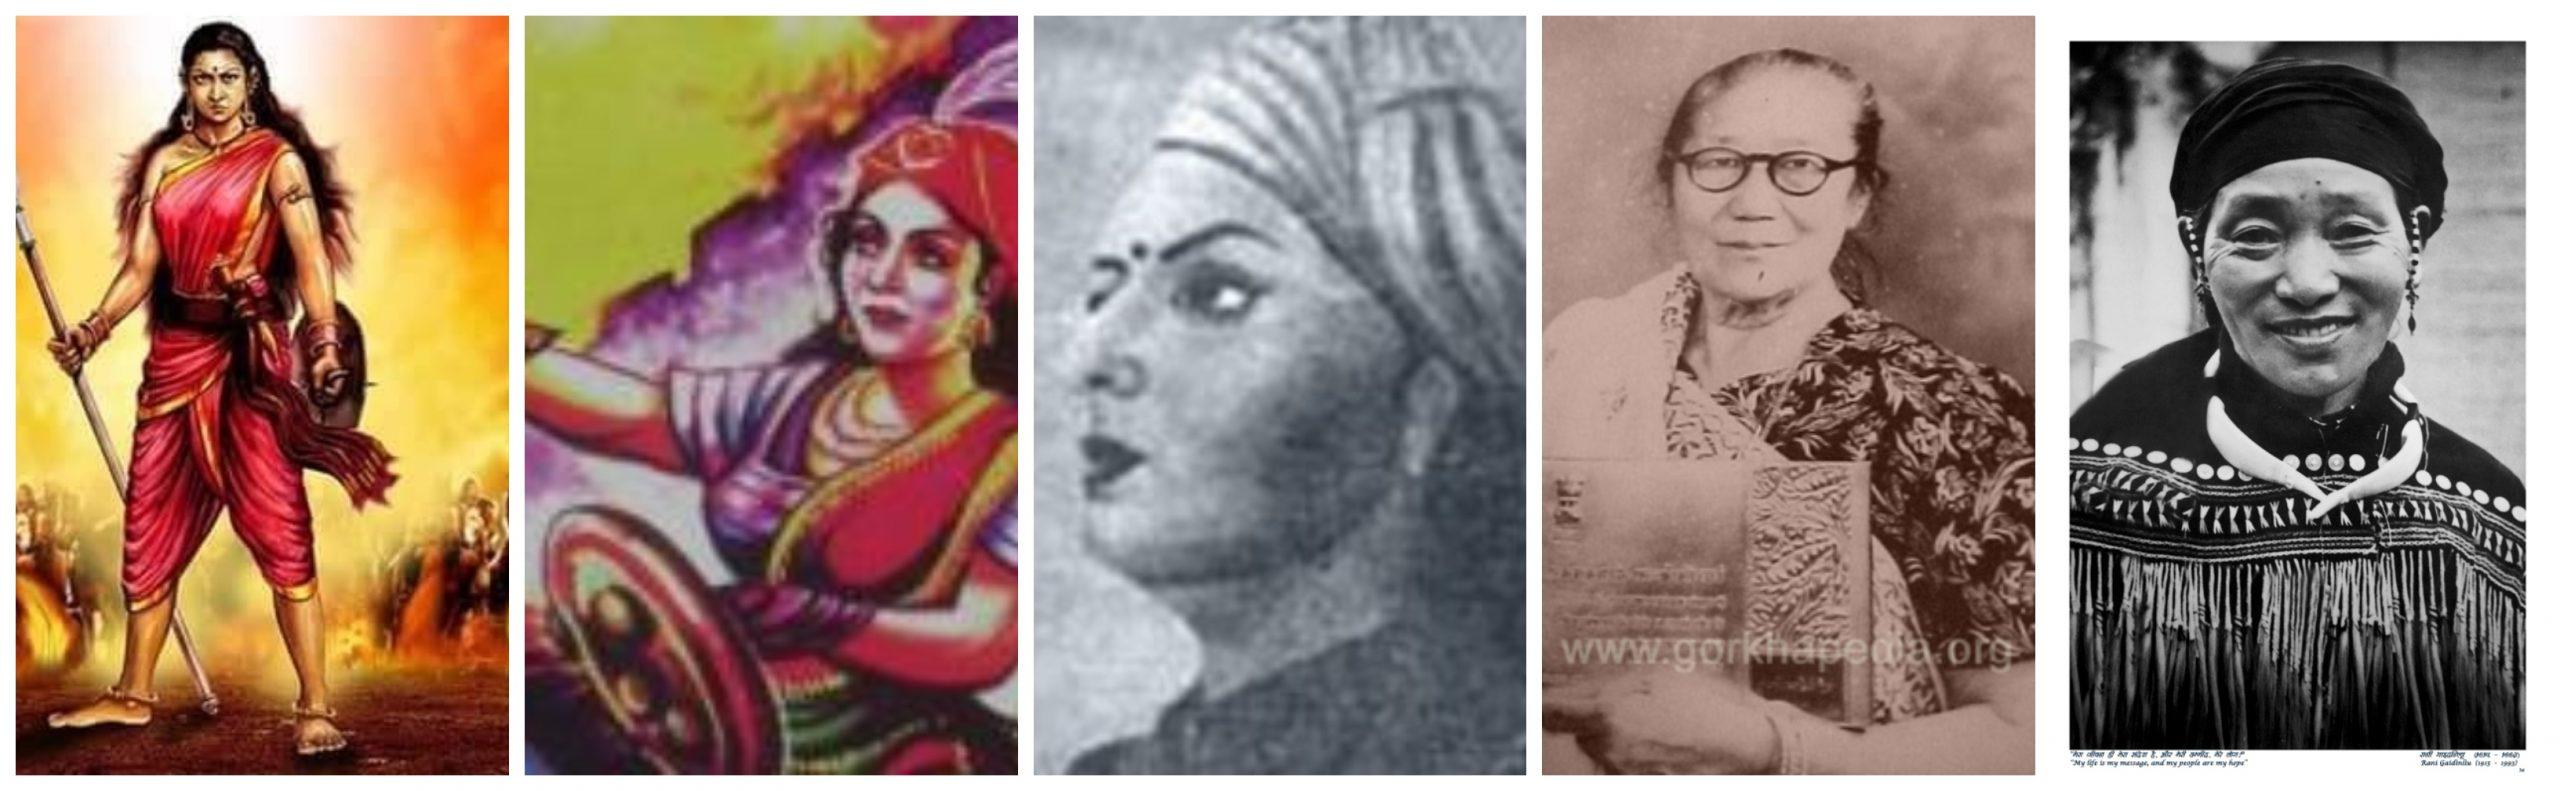 दलित, बहुजन और आदिवासी महिला स्वतंत्रता सेनानी जिन्हें भुला दिया गया